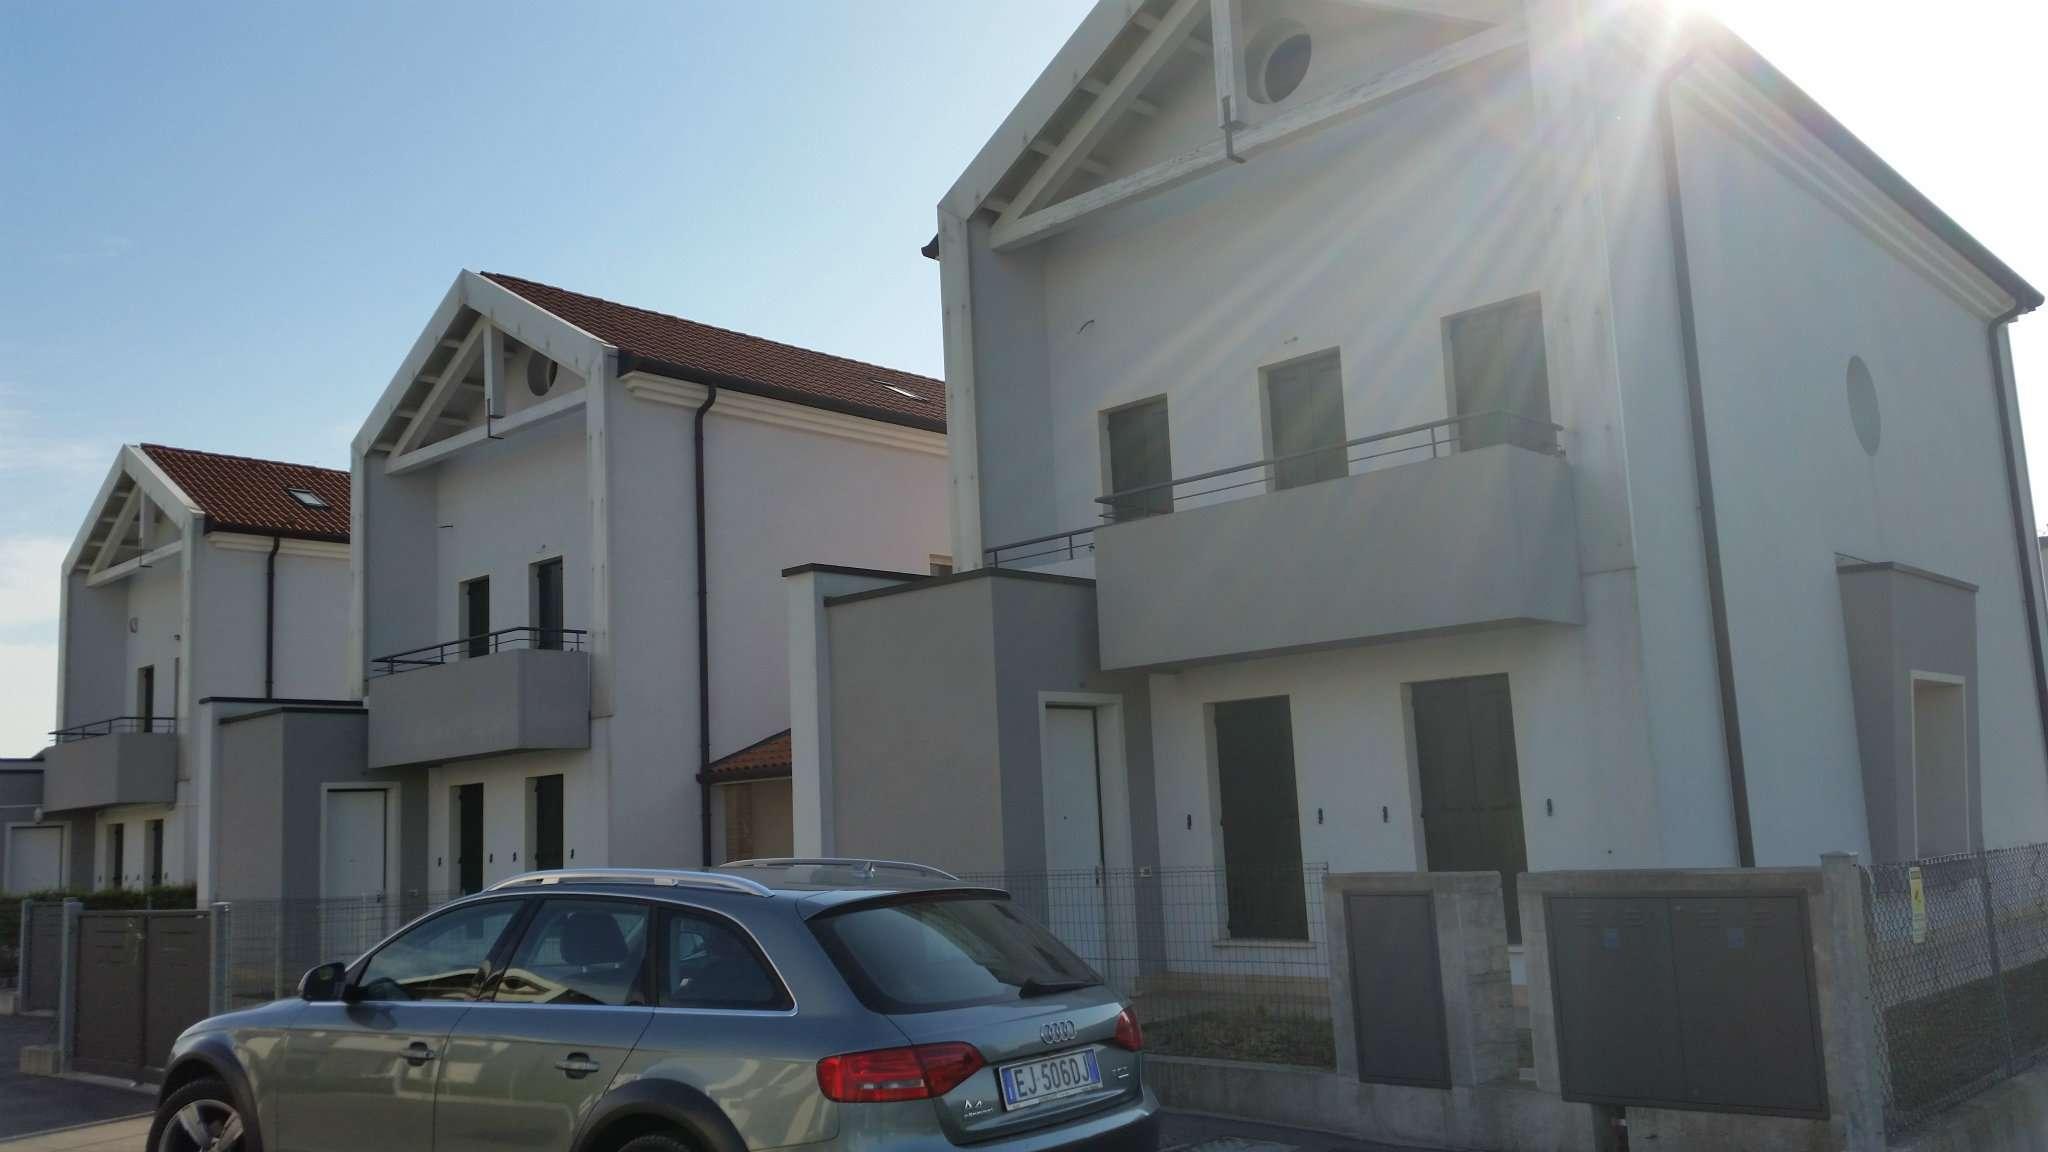 Villa Tri-Quadrifamiliare in vendita a Fiesso d'Artico, 12 locali, prezzo € 199.000 | CambioCasa.it